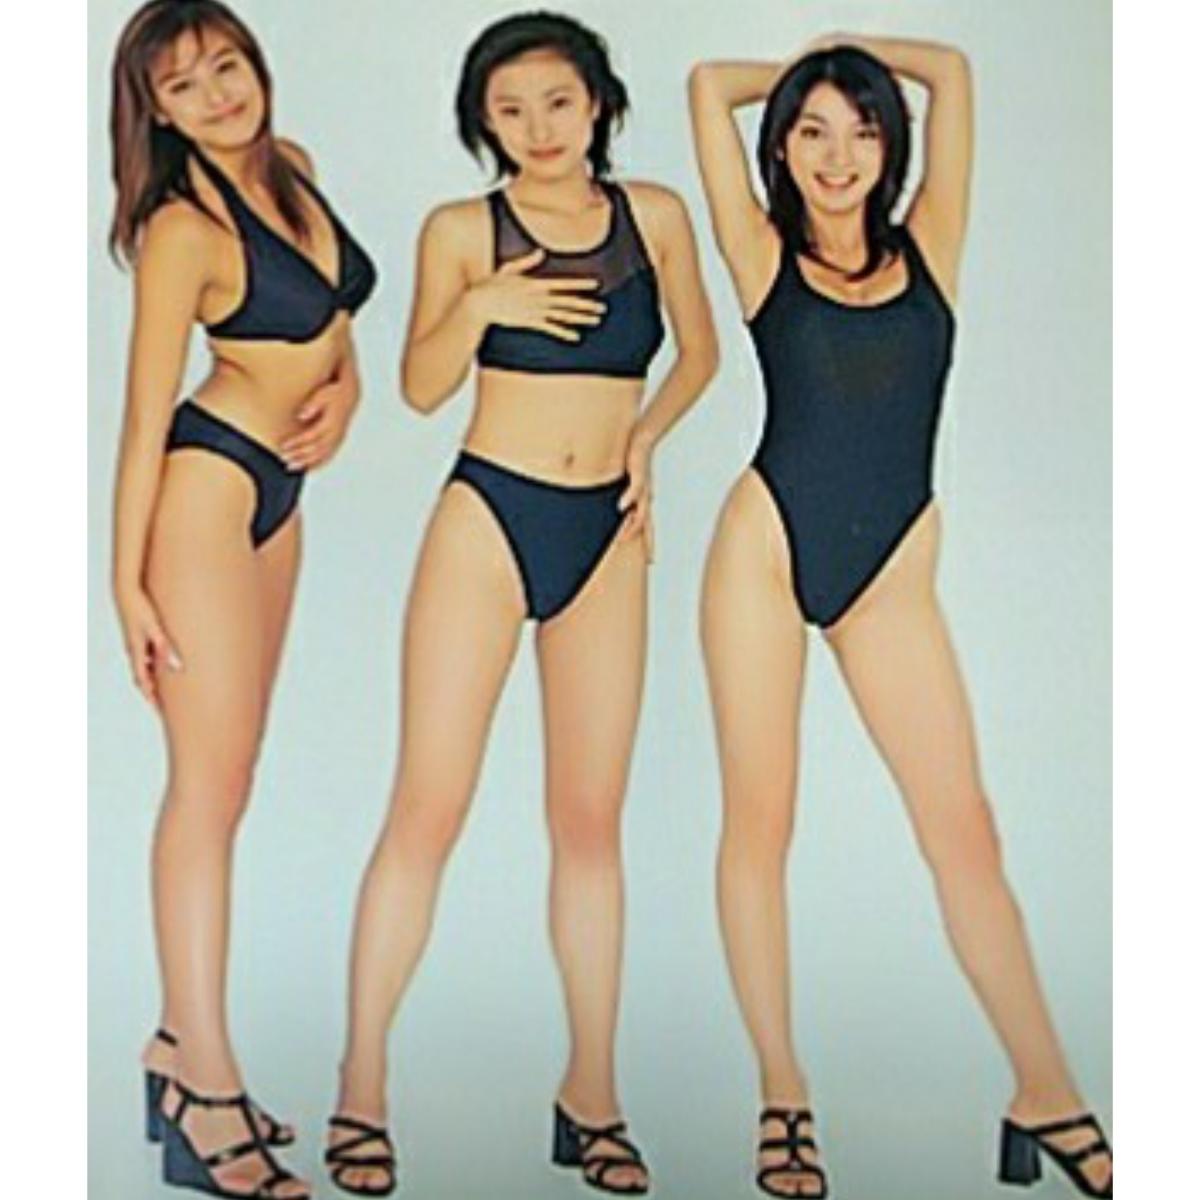 山内えりか 【雑誌】FLASH (フラッシュ) 1997年11月14日号 ベイキャニオンズ